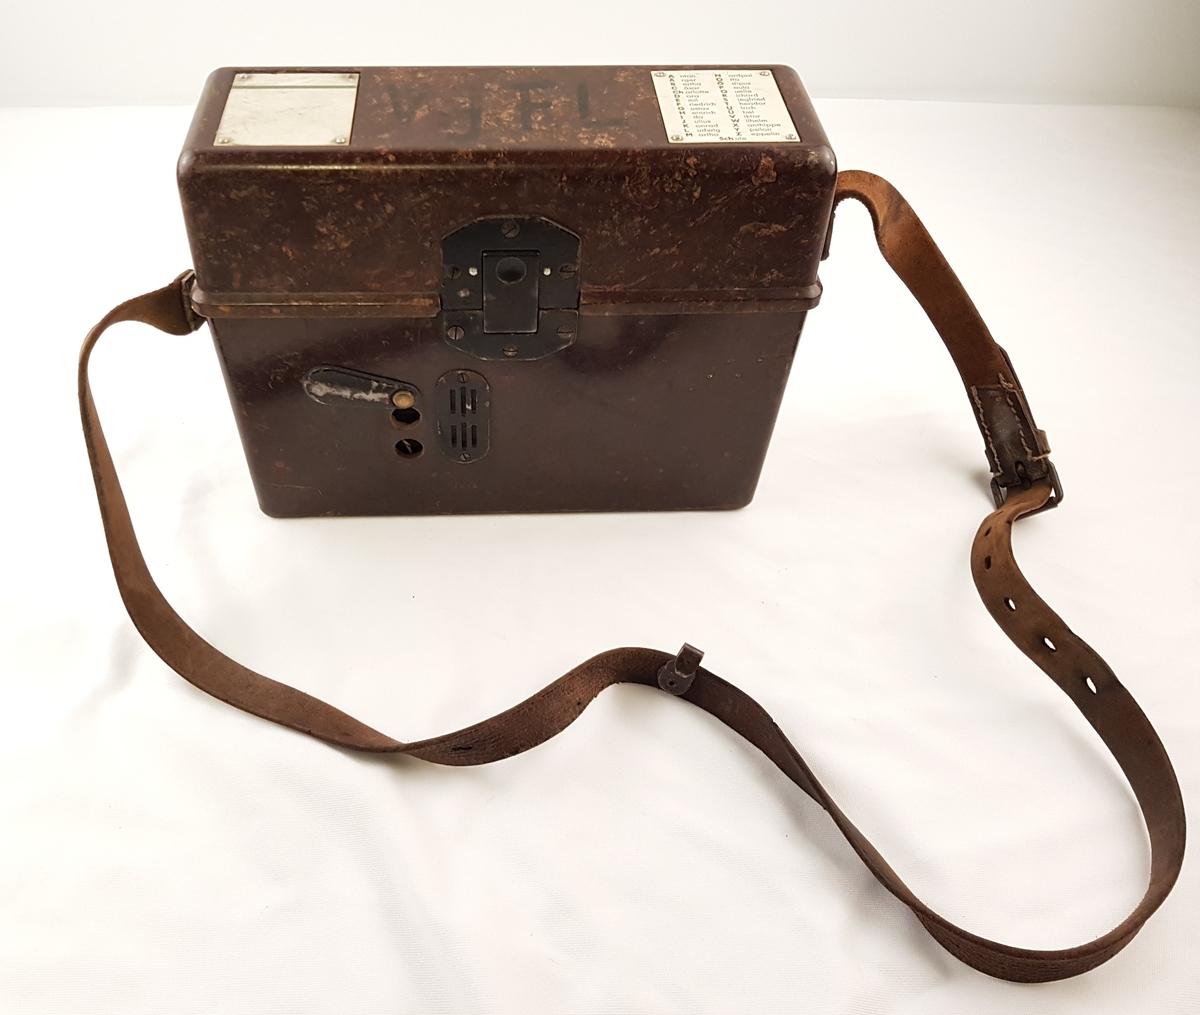 Tyskprodusert militær feltteleon av typen FF 33. Telefonen består av telefonapparat og sveiv. Den ligger fastmontert i en bakelittkasse med topplokk. Det tyske fonetiske alfabetet er montert på lokket. Koblingsskjema er montert på innsiden av lokket. Til kassen er det festet en lærreim.